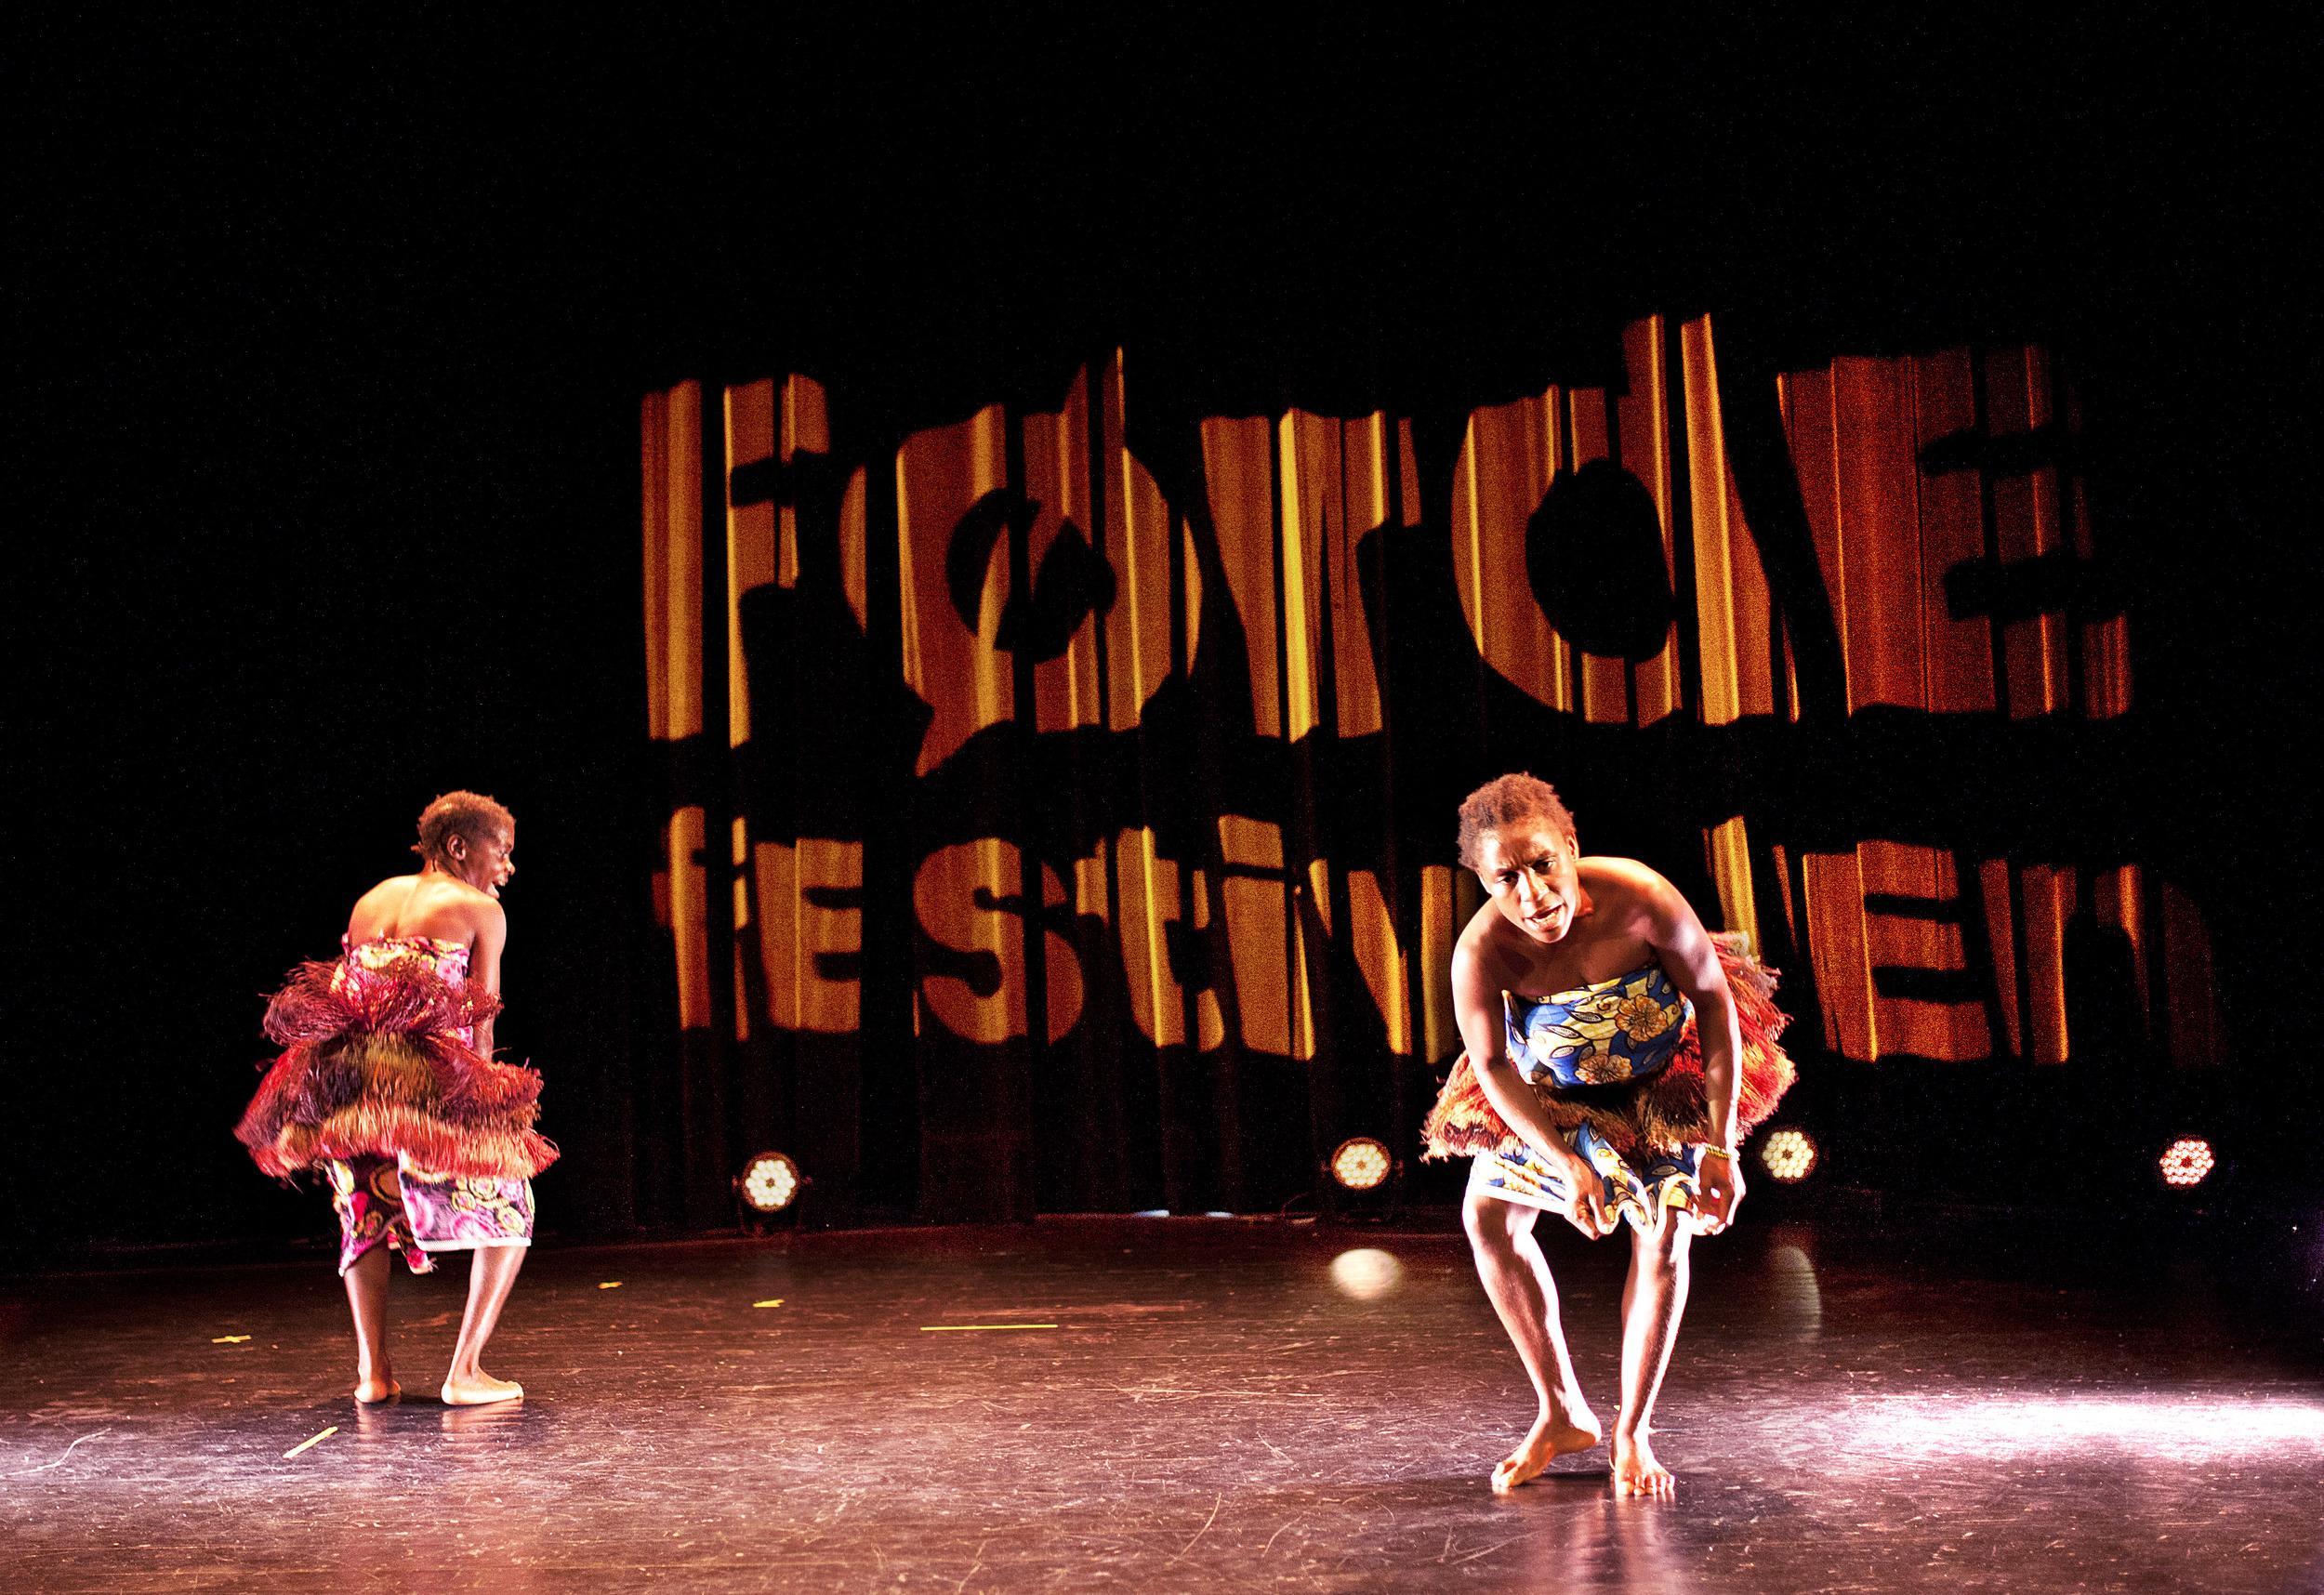 ndima - teatersalen - 5. juli - heidi hattestein - IMG_5500.jpg